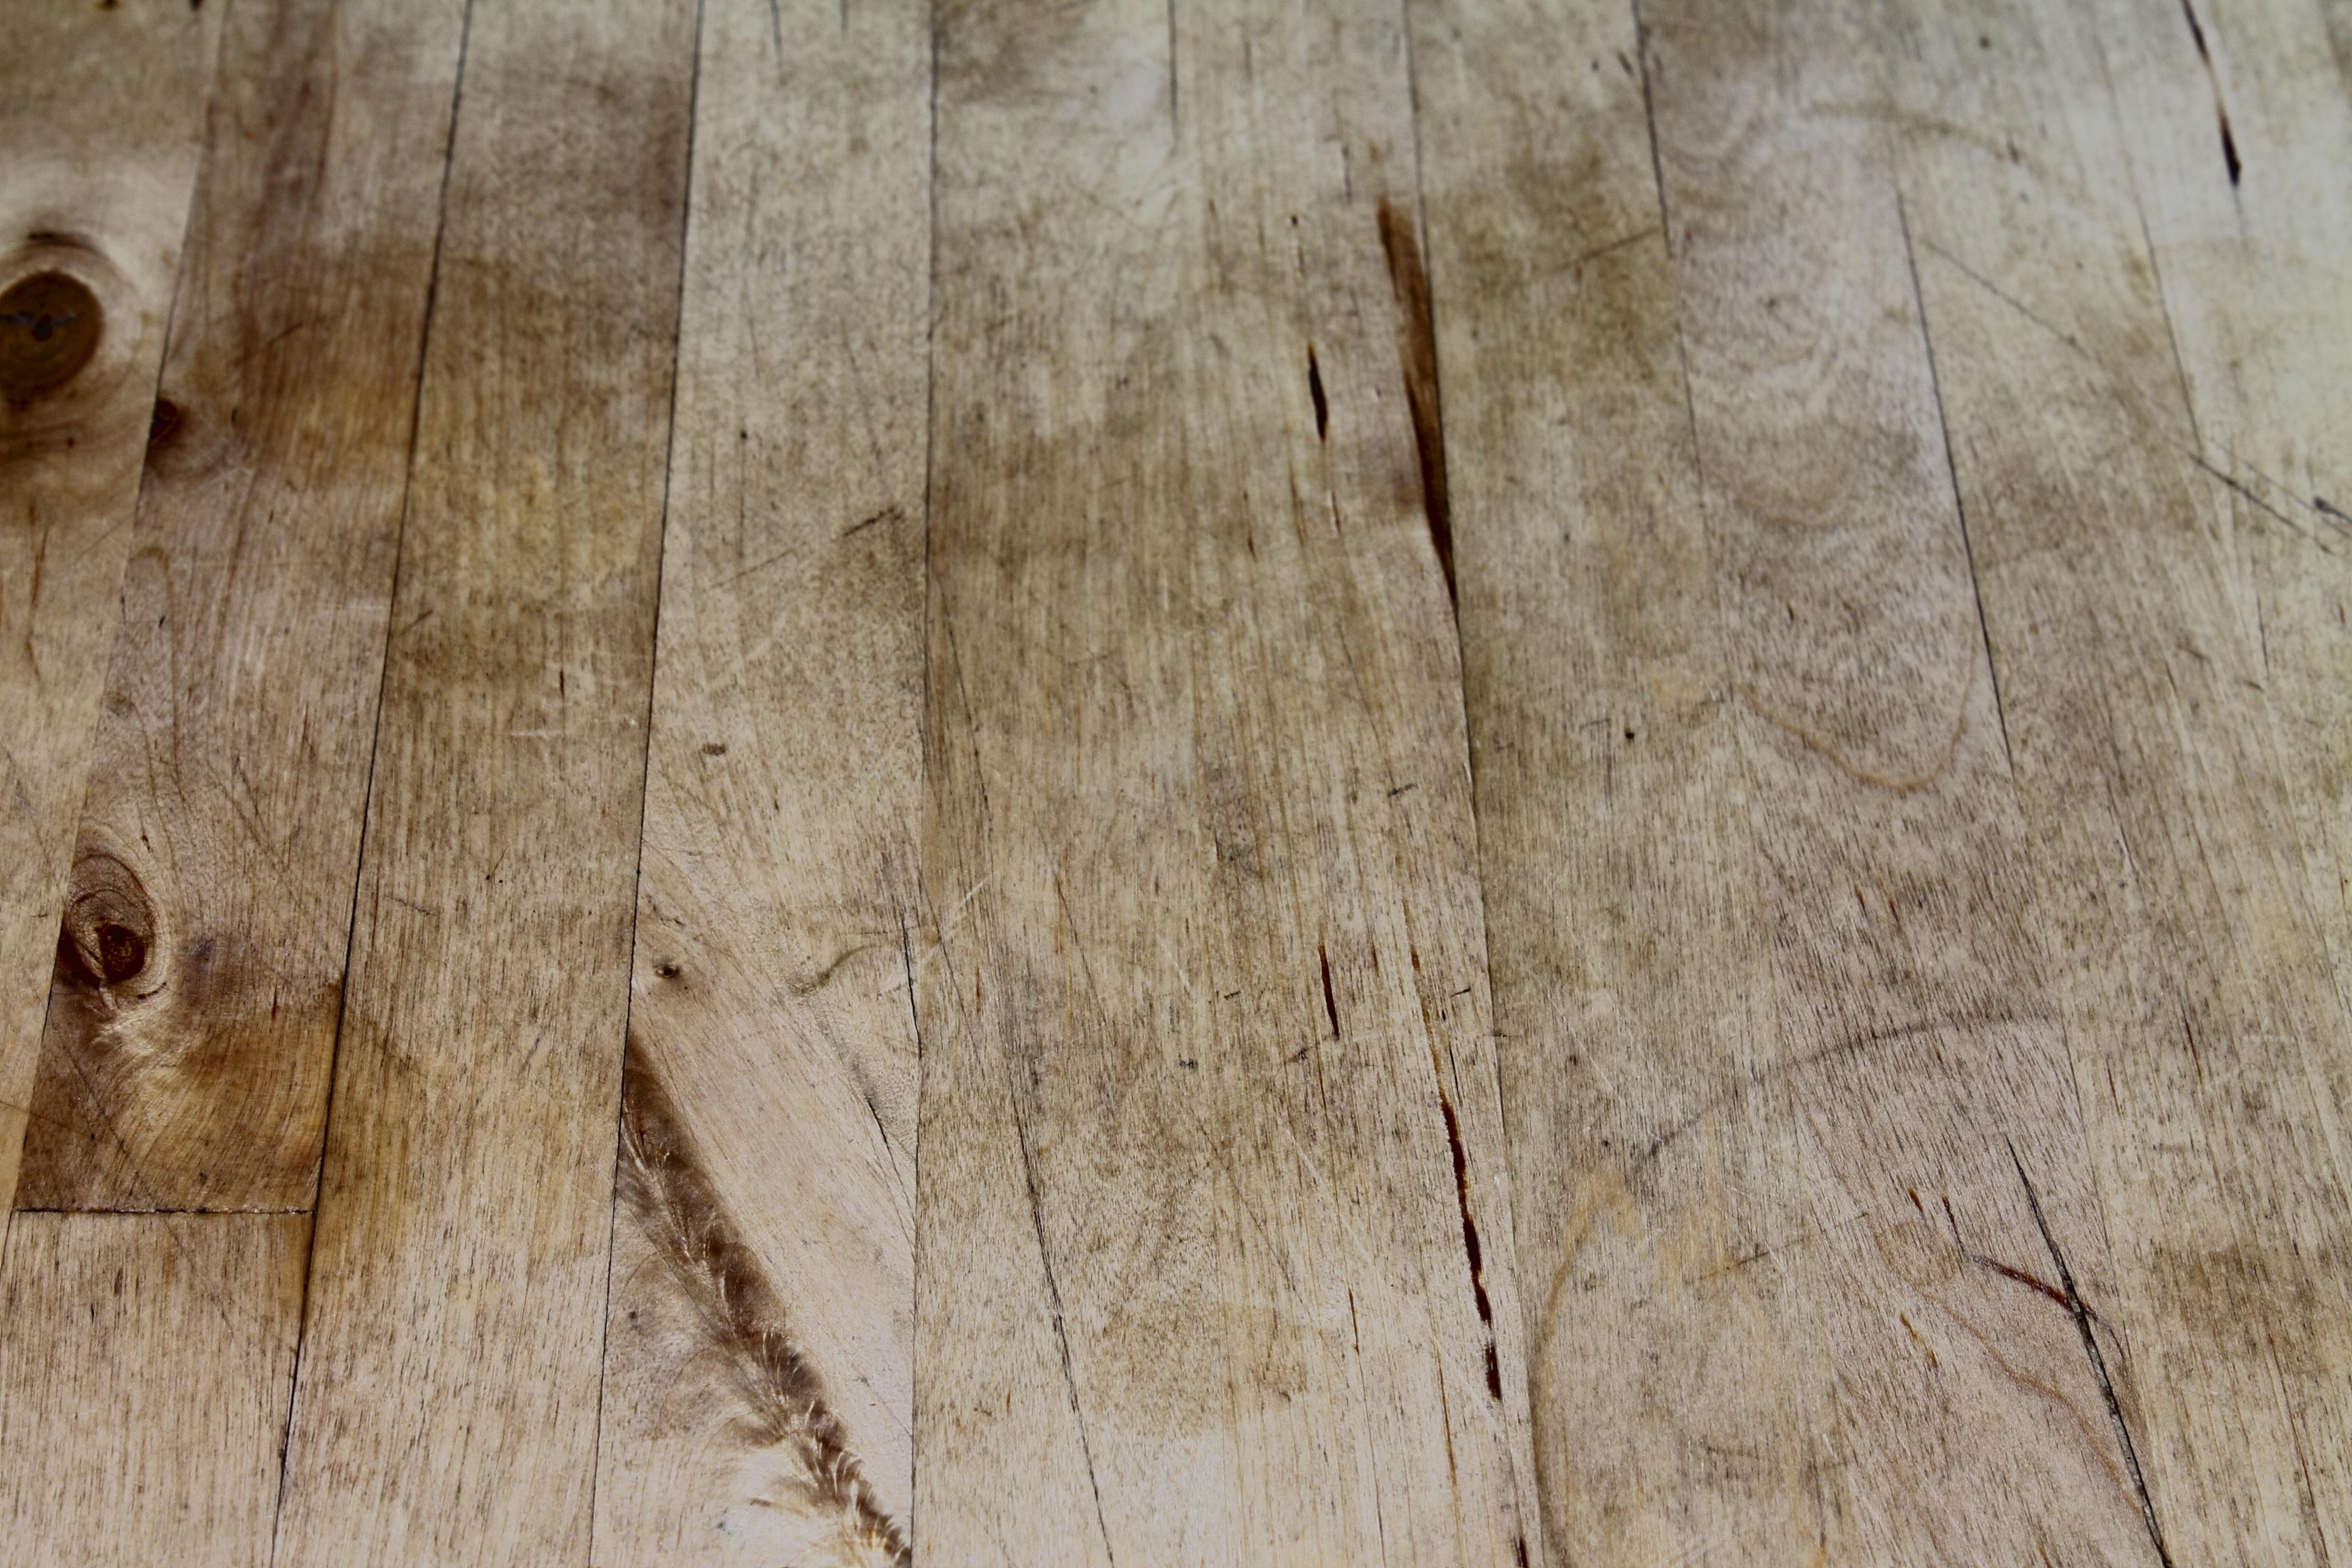 parquet vieux bois parquet vieux bois with parquet vieux bois finest ils sont obtenus par. Black Bedroom Furniture Sets. Home Design Ideas